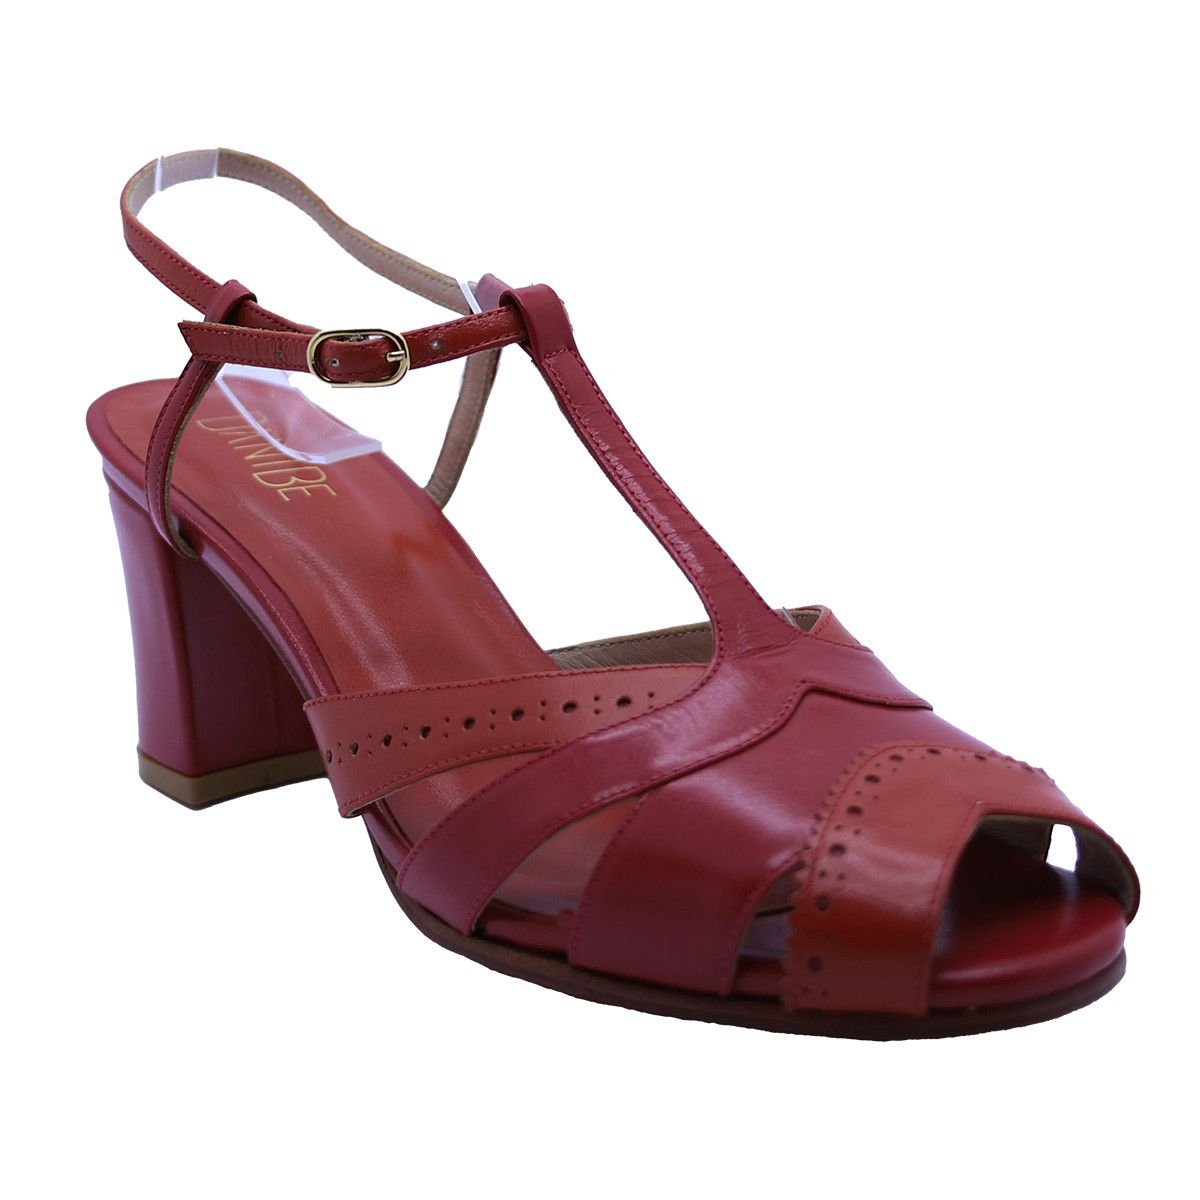 Sandália Kat Pelica Vermelha 6 cm